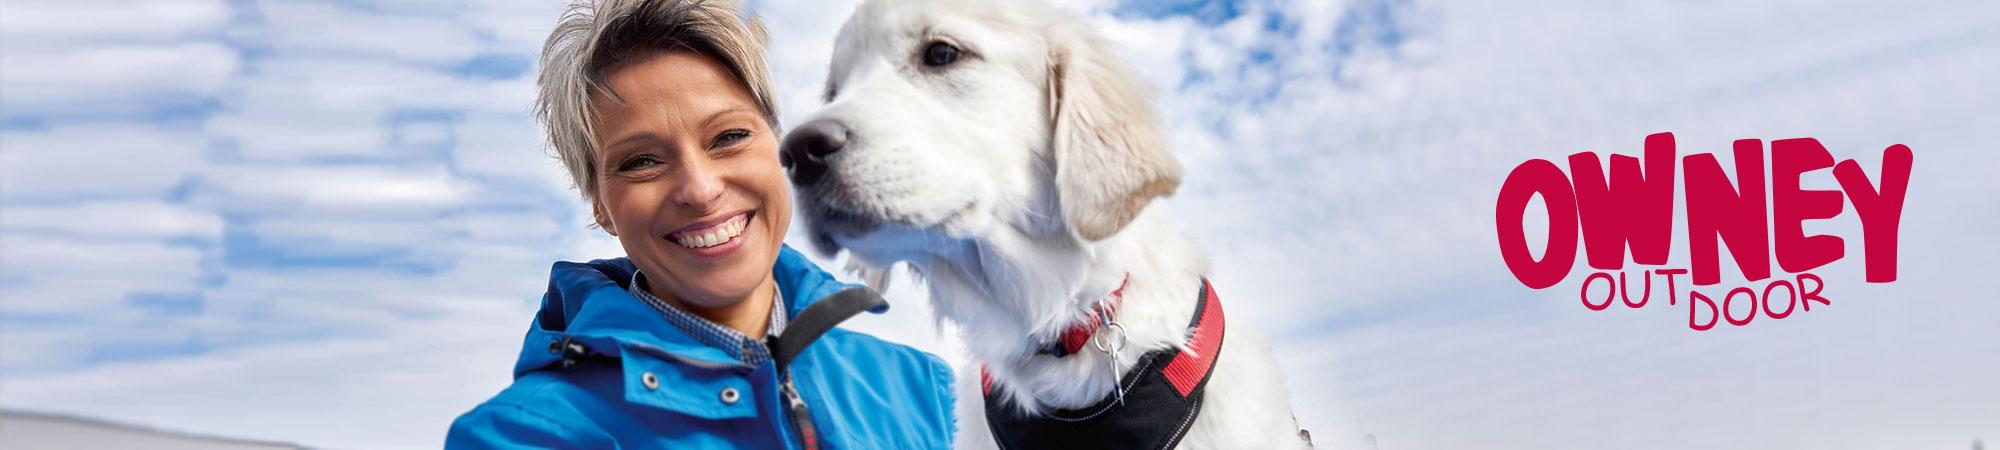 Owney Online Shop - Outdoor Bekleidung für Hundehalter, Bild 2